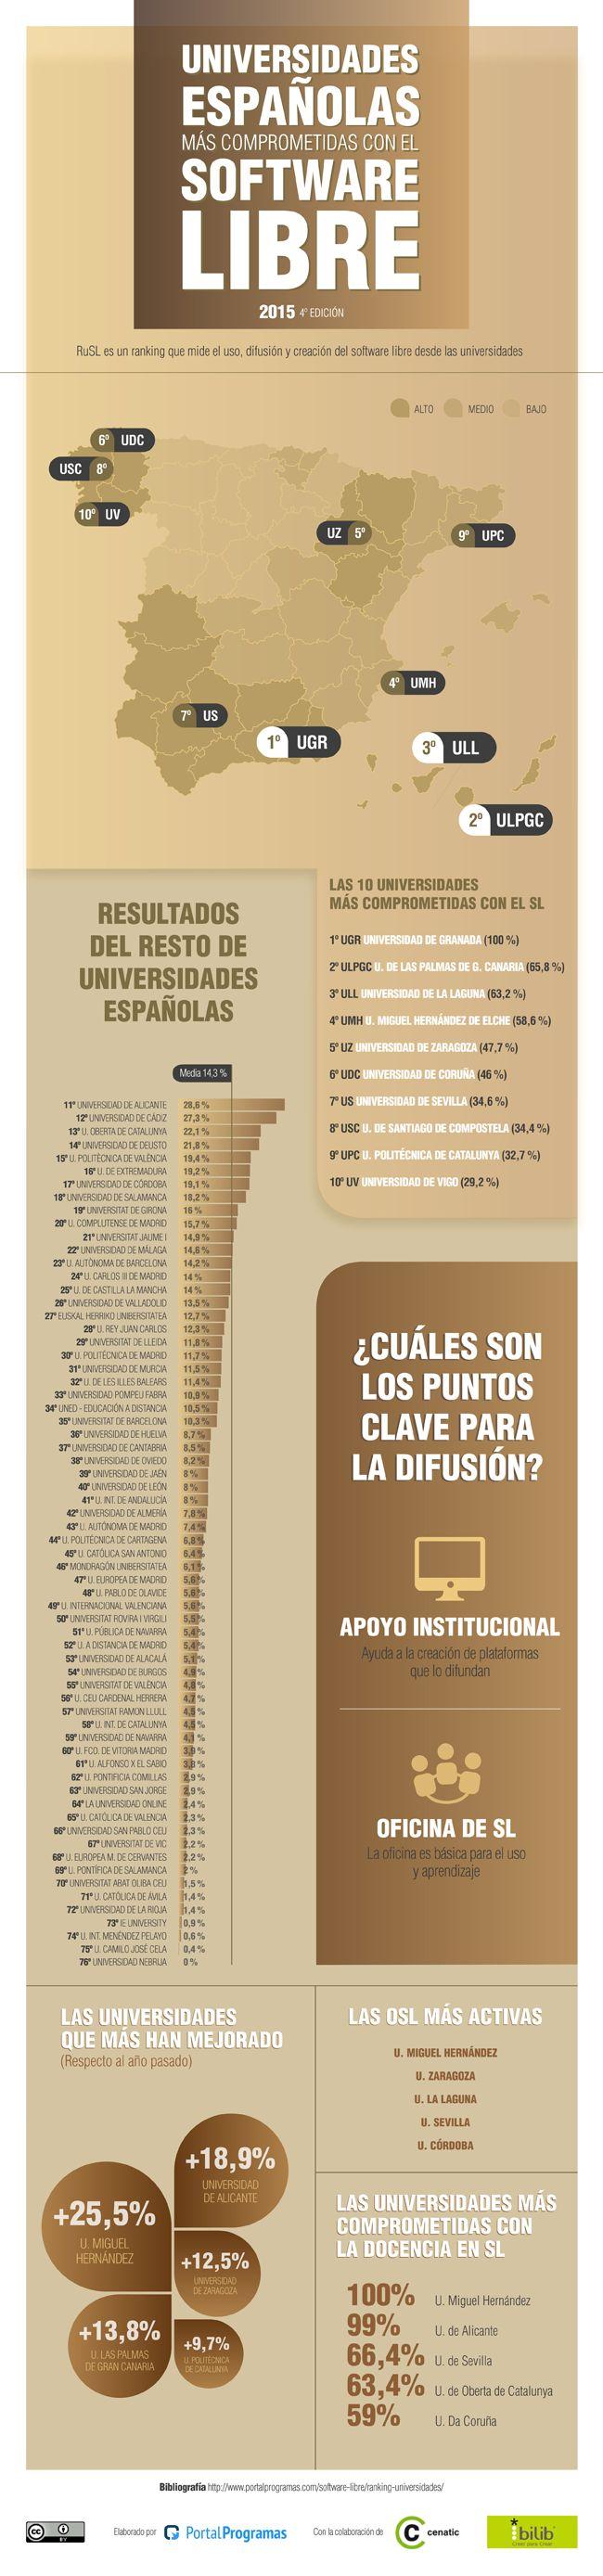 Ya tenemos los resultados de la cuarta edición del Ranking de #universidades en #SoftwareLibre. Aquí las #españolas #Infografía http://www.portalprogramas.com/milbits/informatica/universidades-espanolas-apoyan-software-libre-2015.html